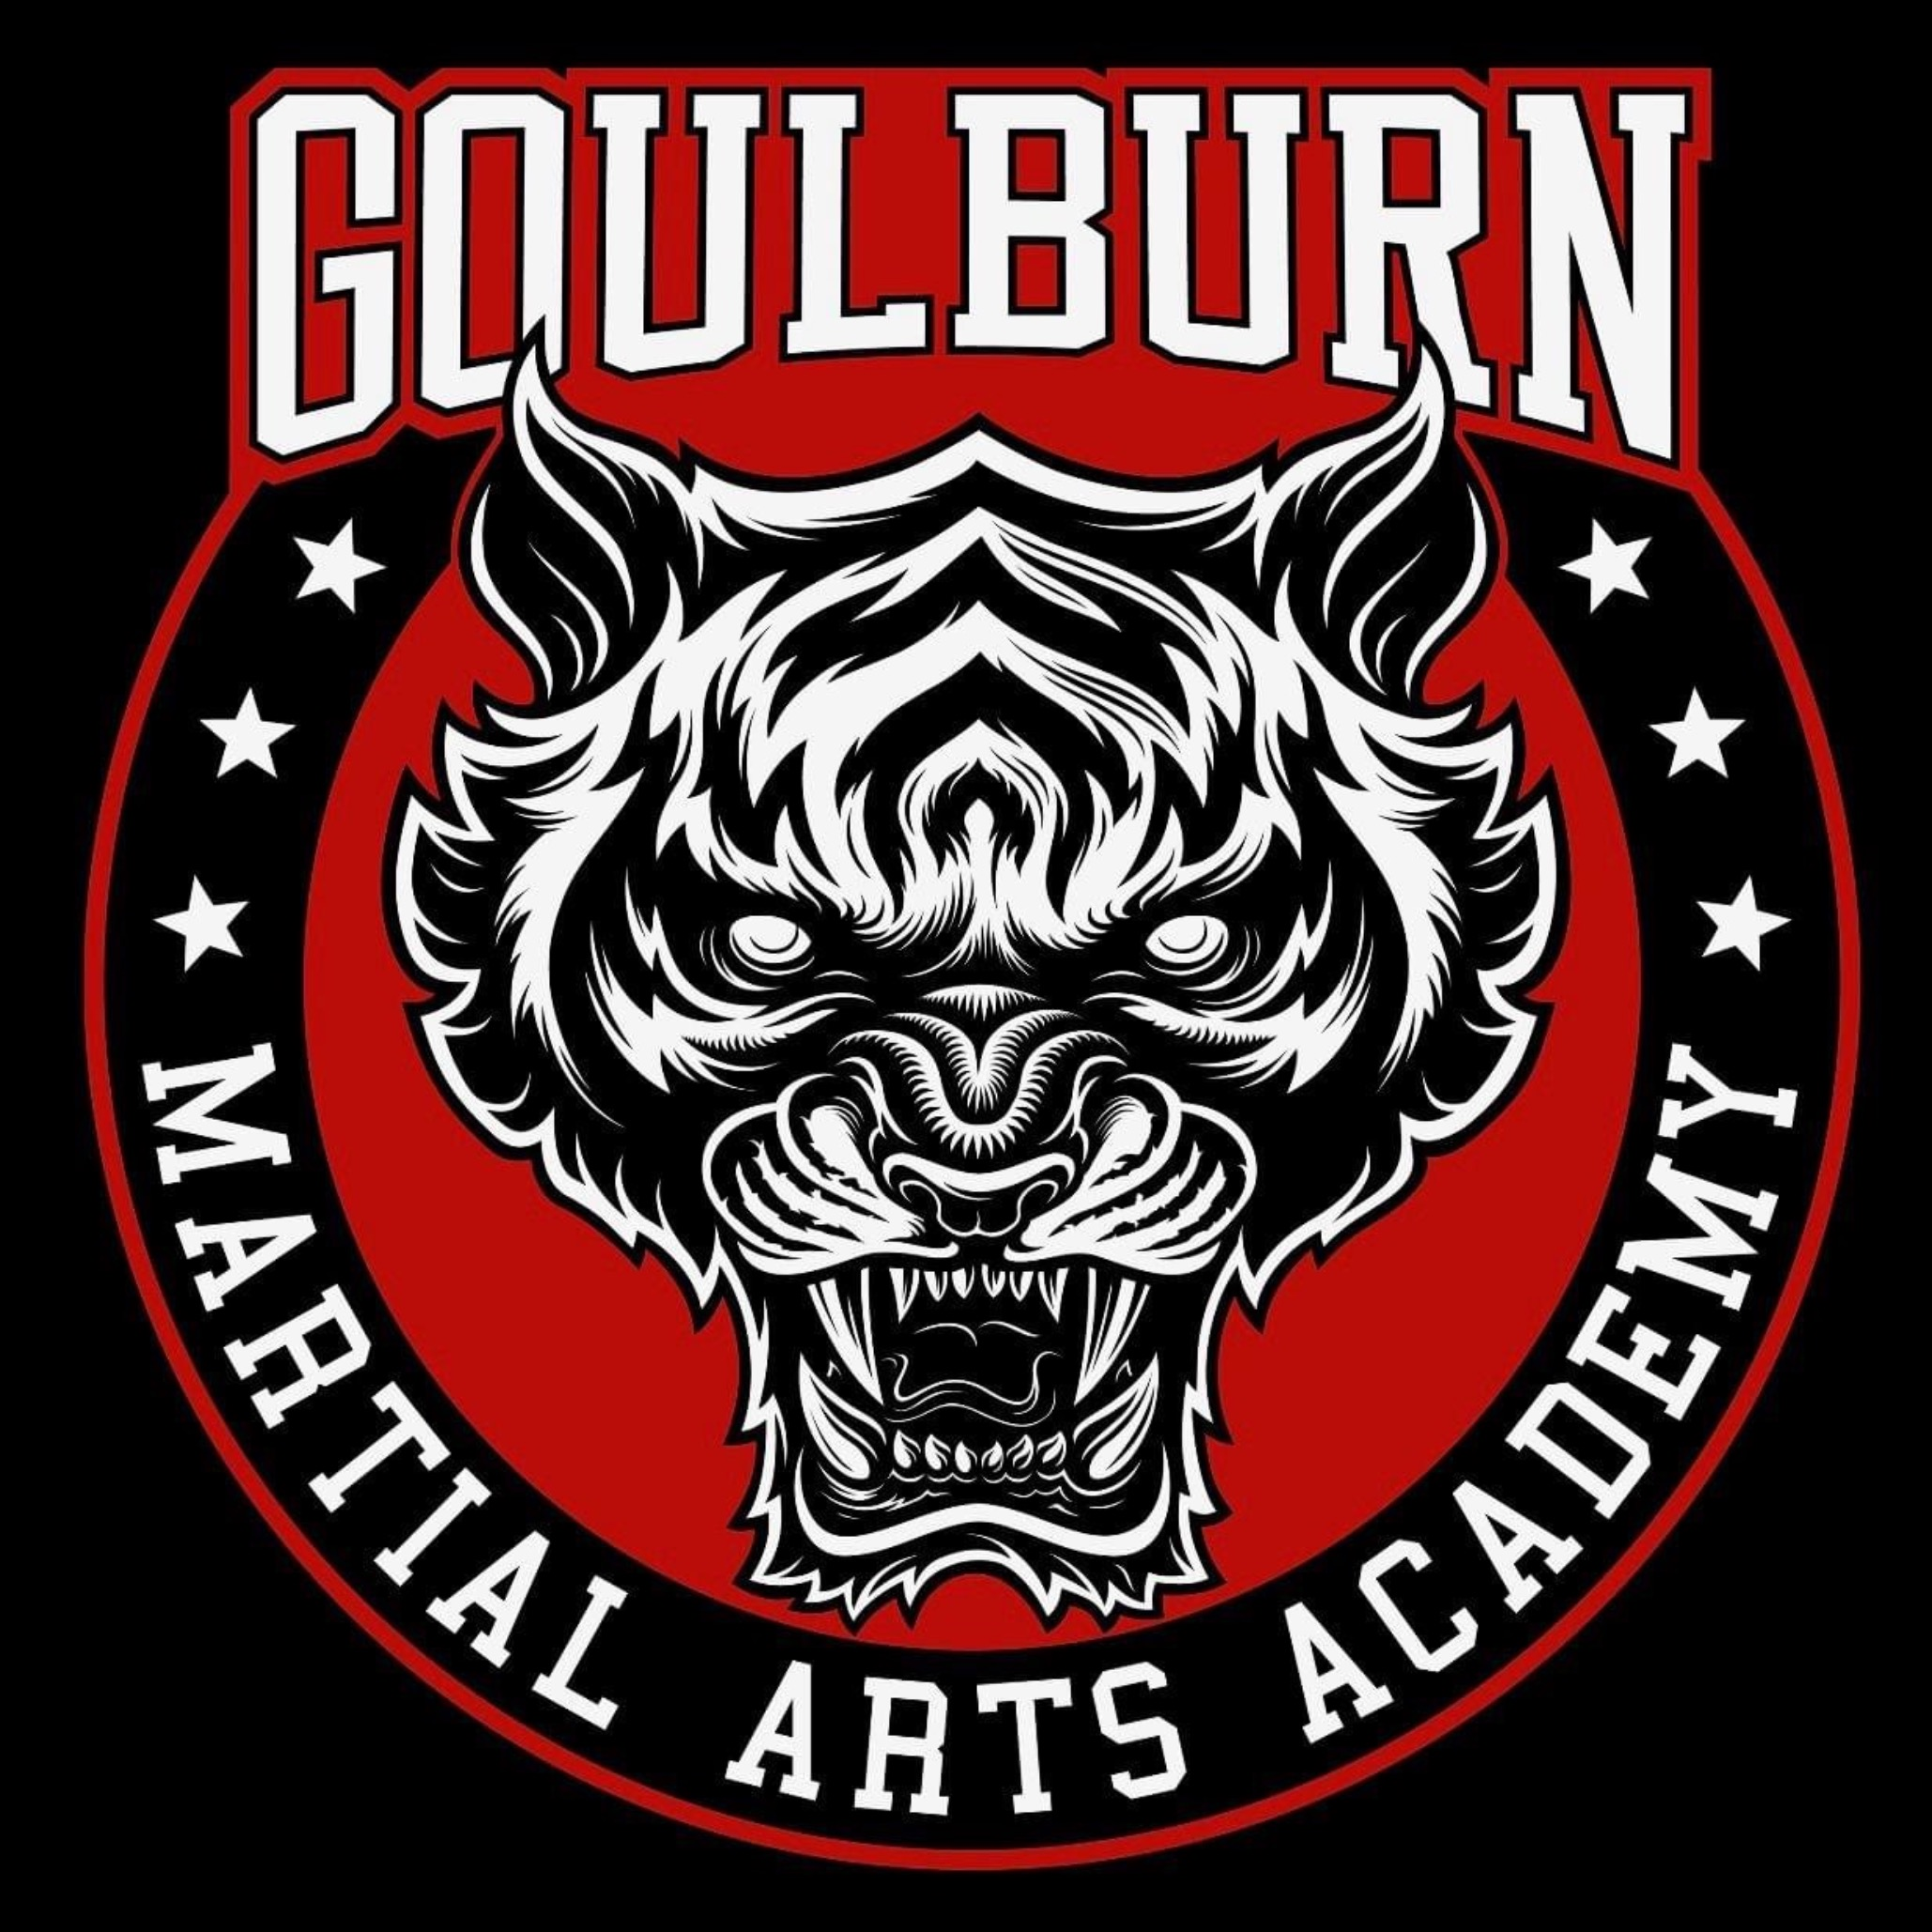 Goulburn Martial Arts Academy